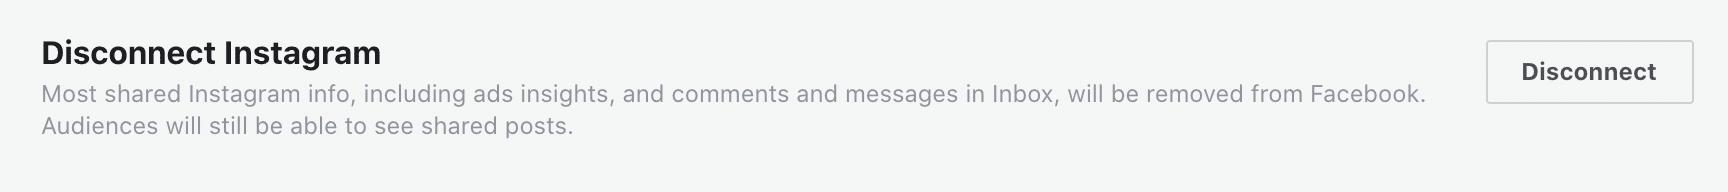 изменить страницу Facebook, связанную с Instagram